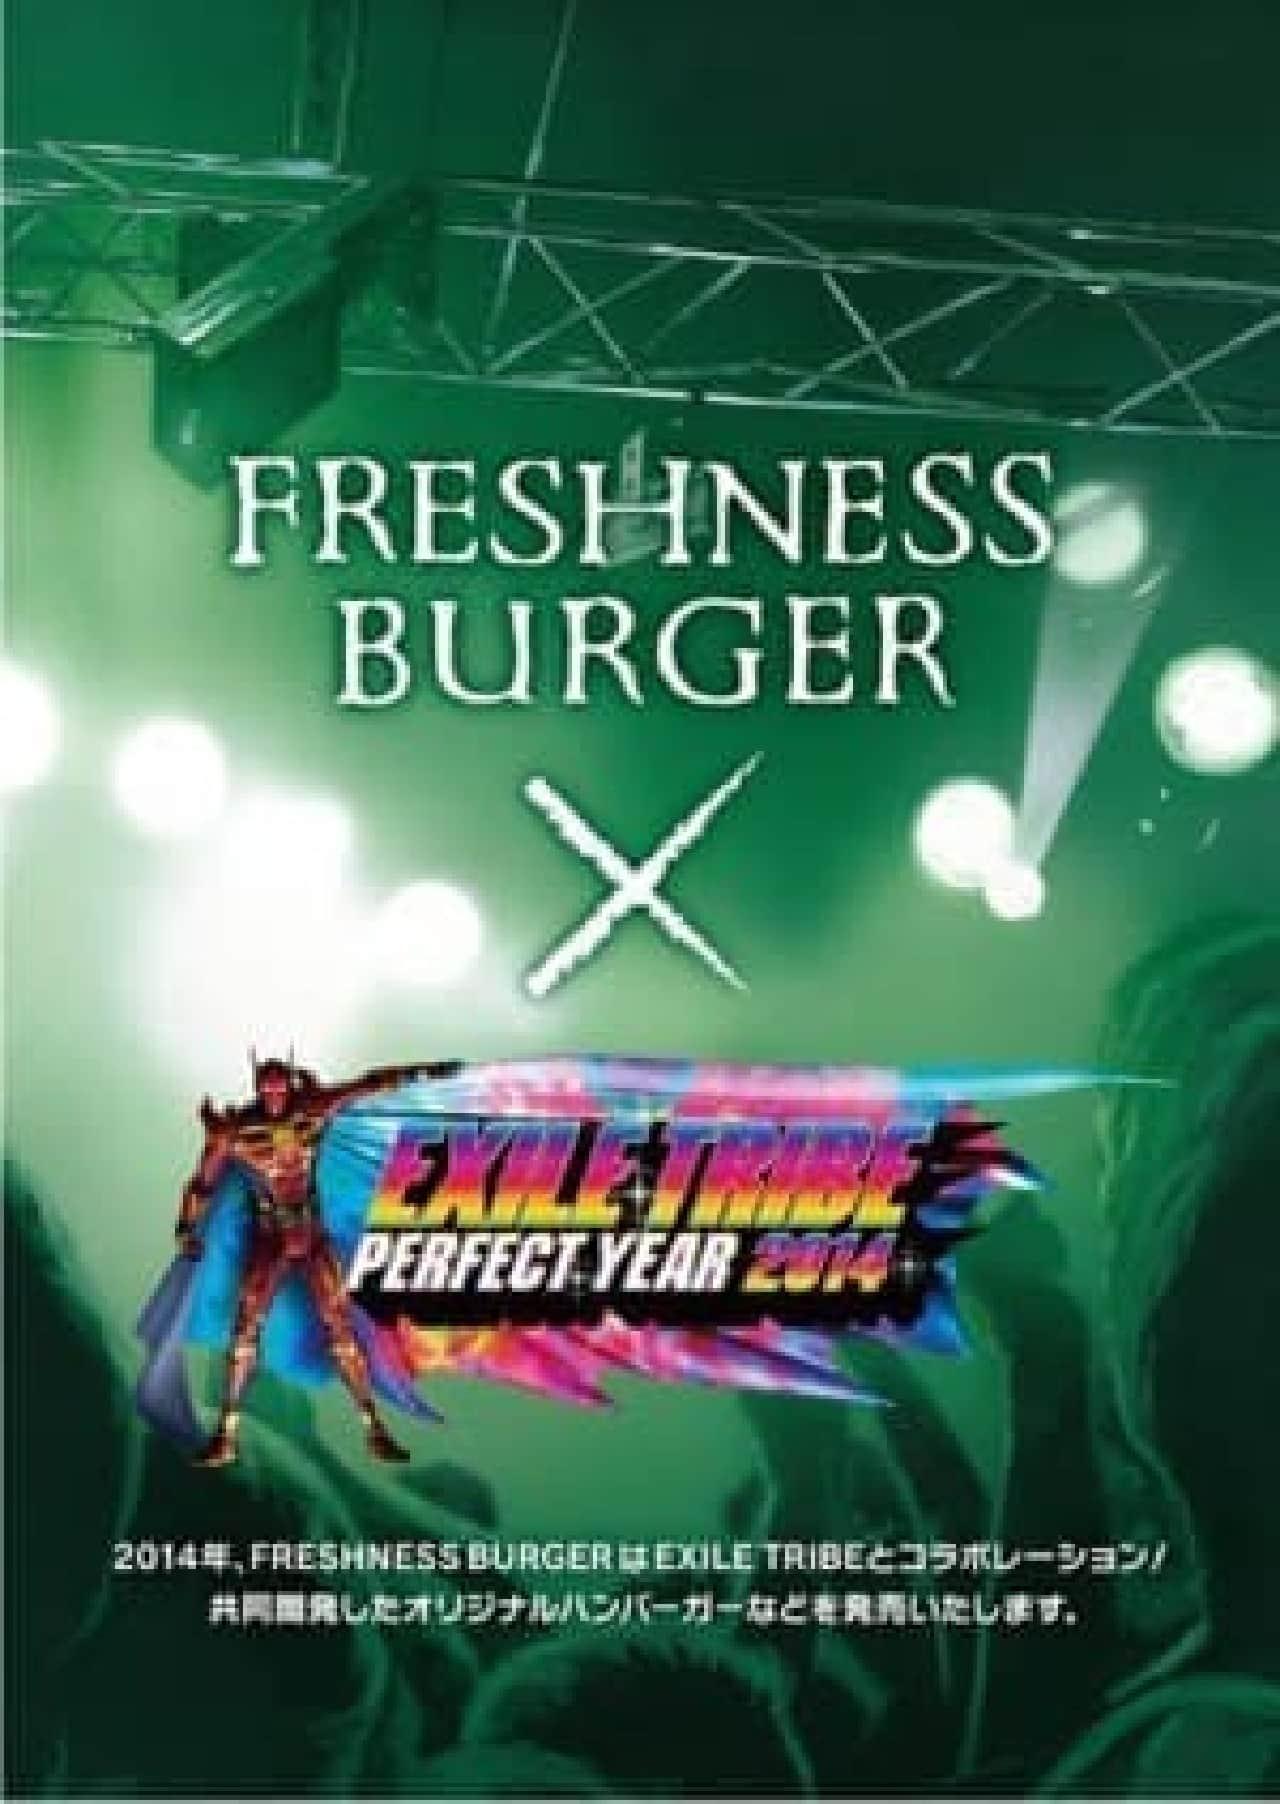 2014年は、フレッシュネス× EXILE の年!?